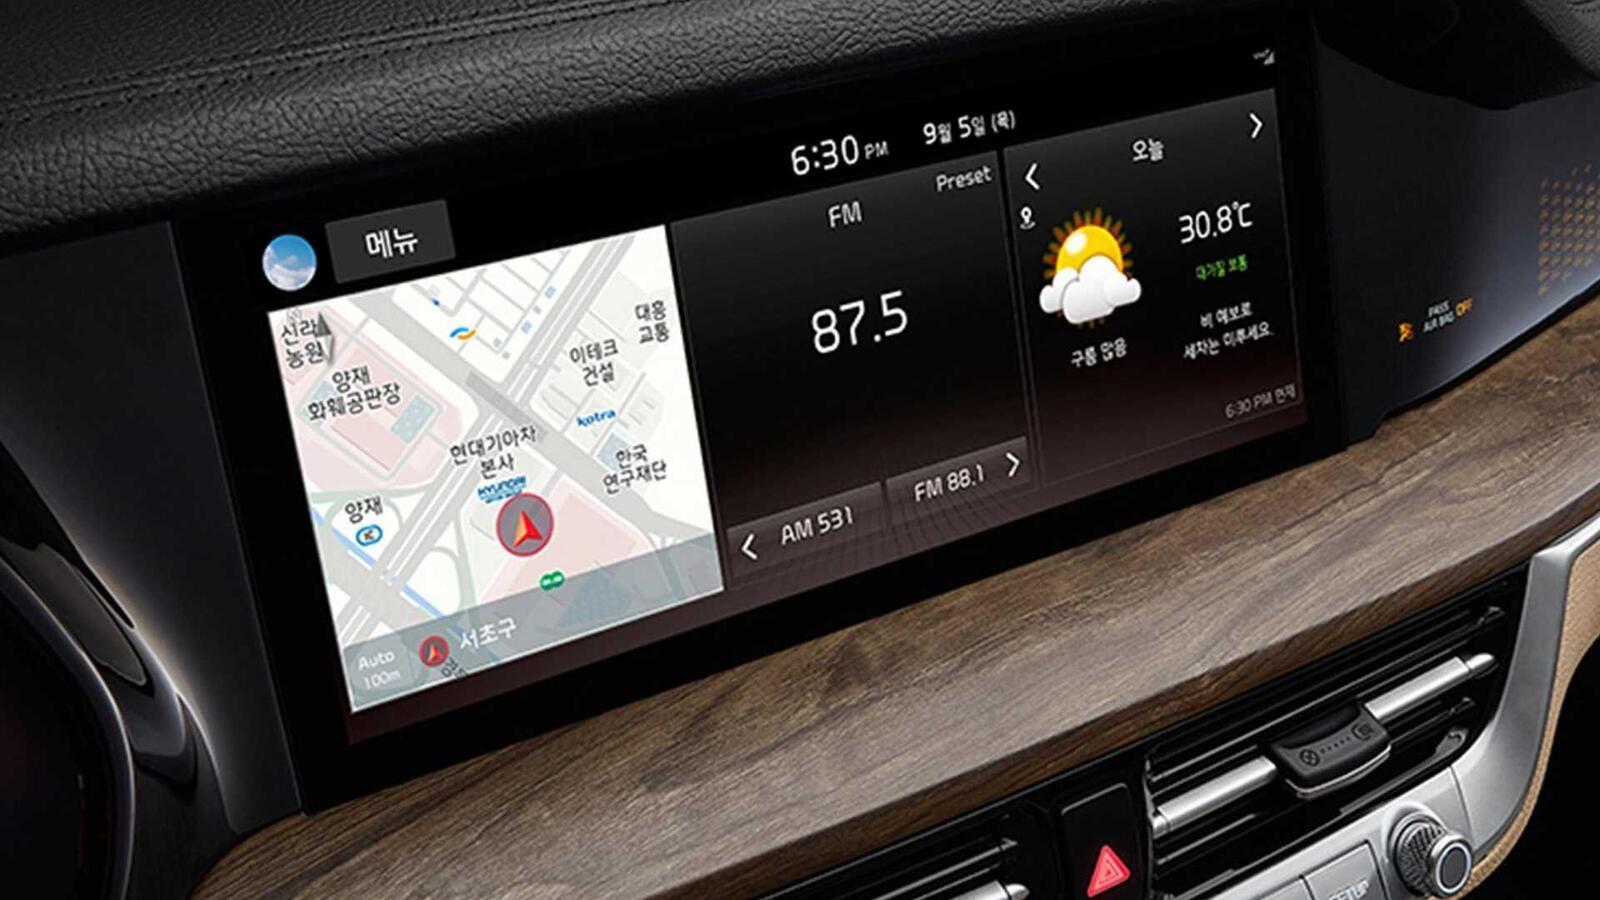 Bảng đồng hồ là màn hình kỹ thuật số 12,3 inch và một màn hình cảm ứng